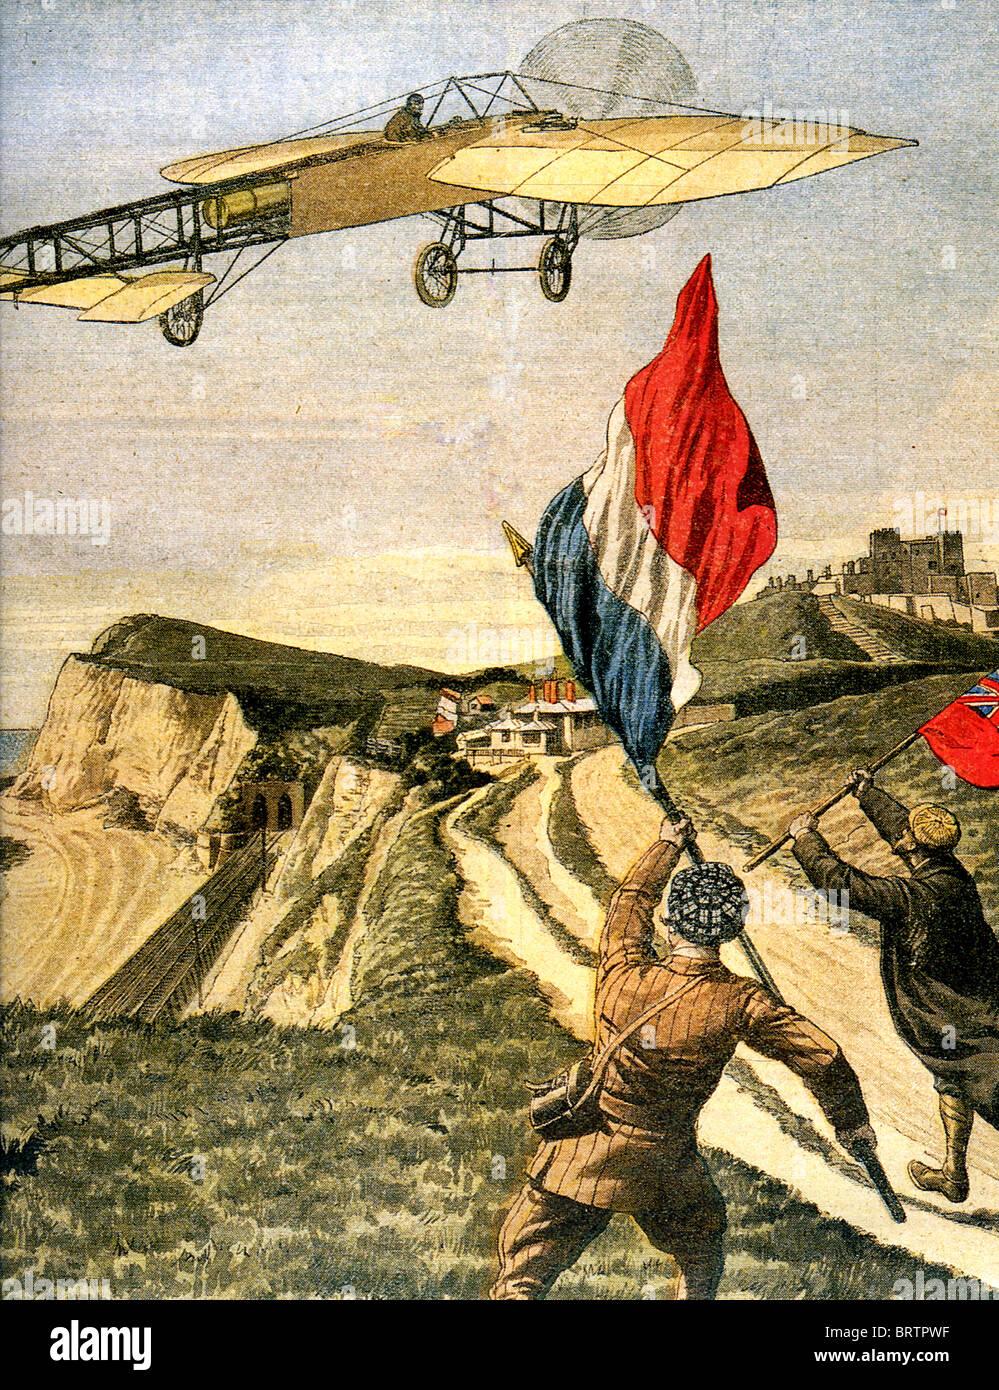 LOUIS BLÉRIOT (1872-1936) vole son XI à travers les falaises de Douvres après le premier vol cross Photo Stock